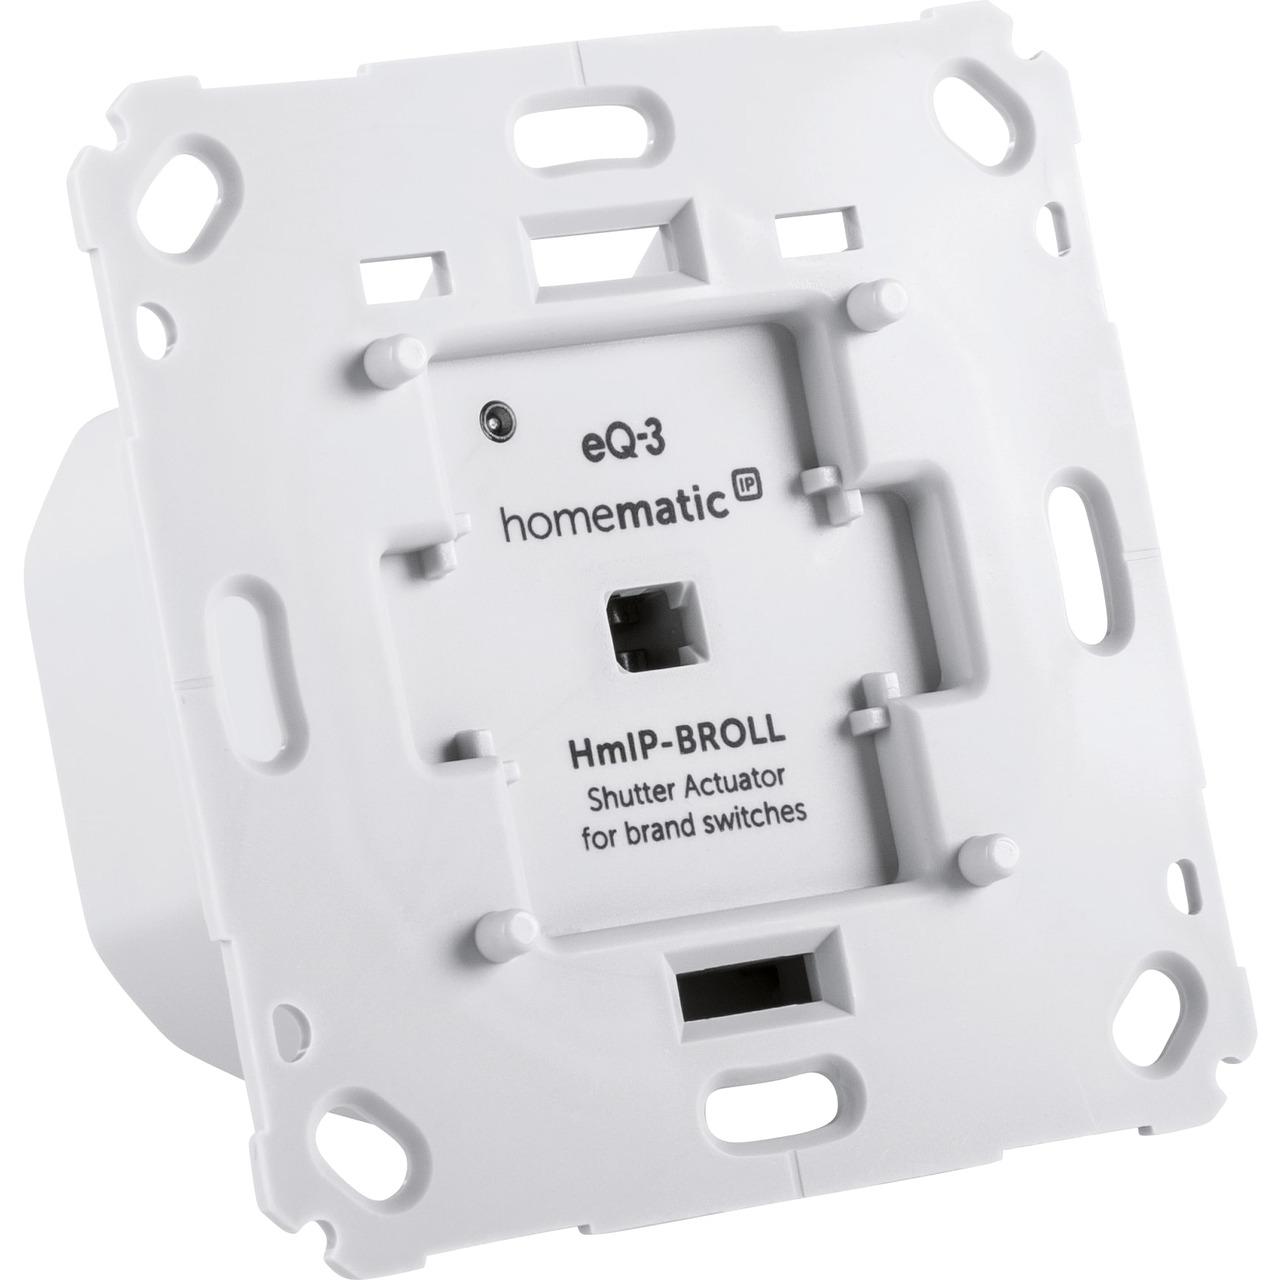 ELV Homematic IP ARR-Bausatz Rollladenaktor fund-252 r Markenschalter HmIP-BROLL